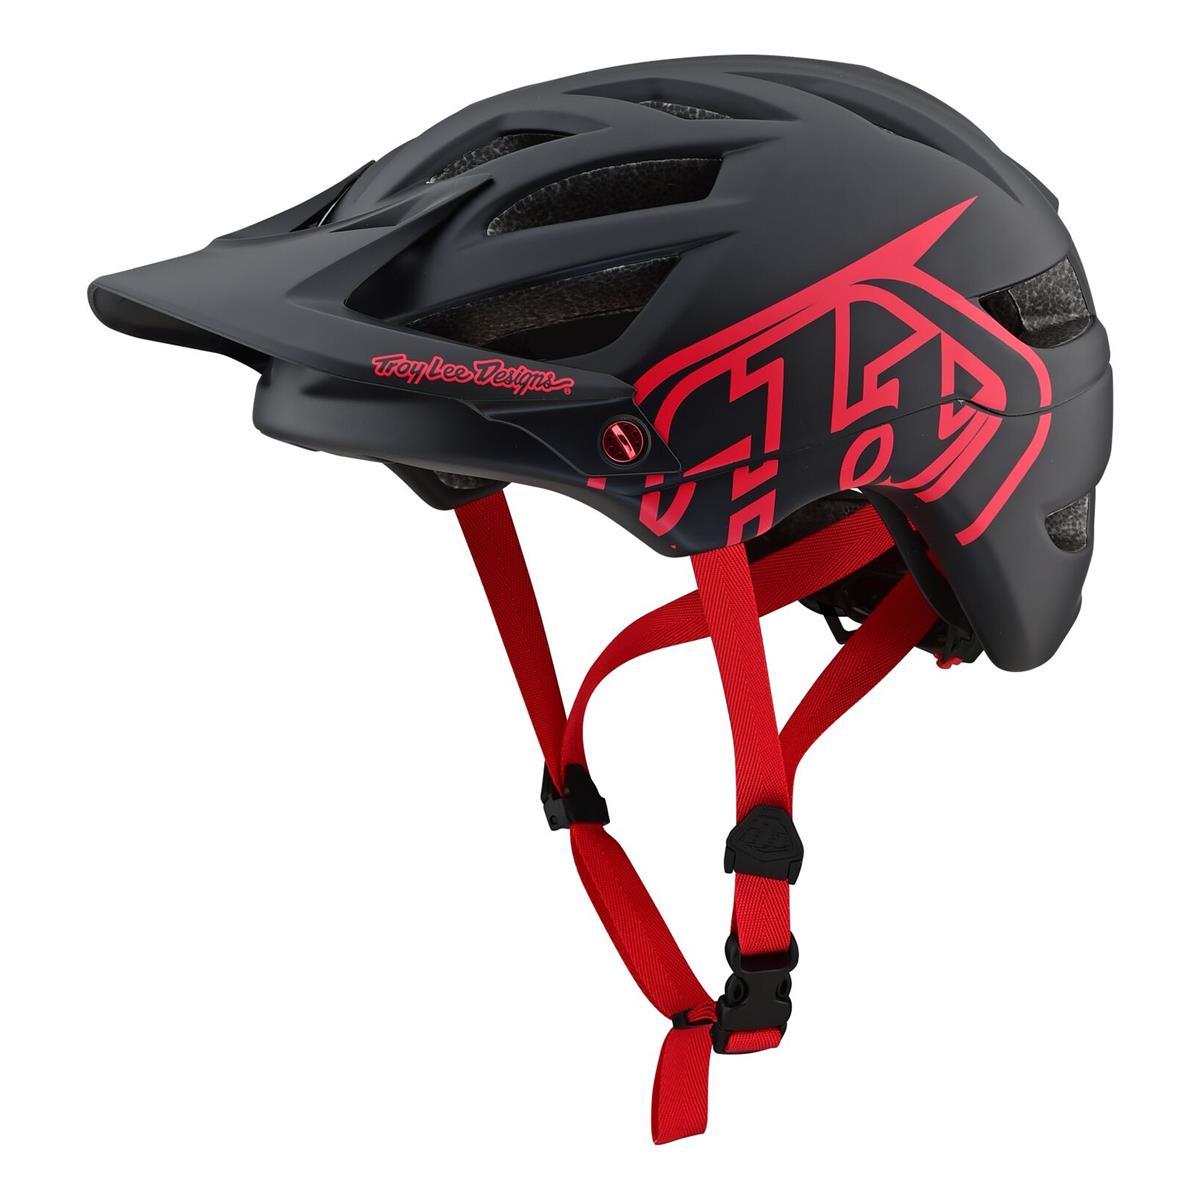 Troy Lee Designs Enduro-MTB Helm A1 Drone - Schwarz/Rot